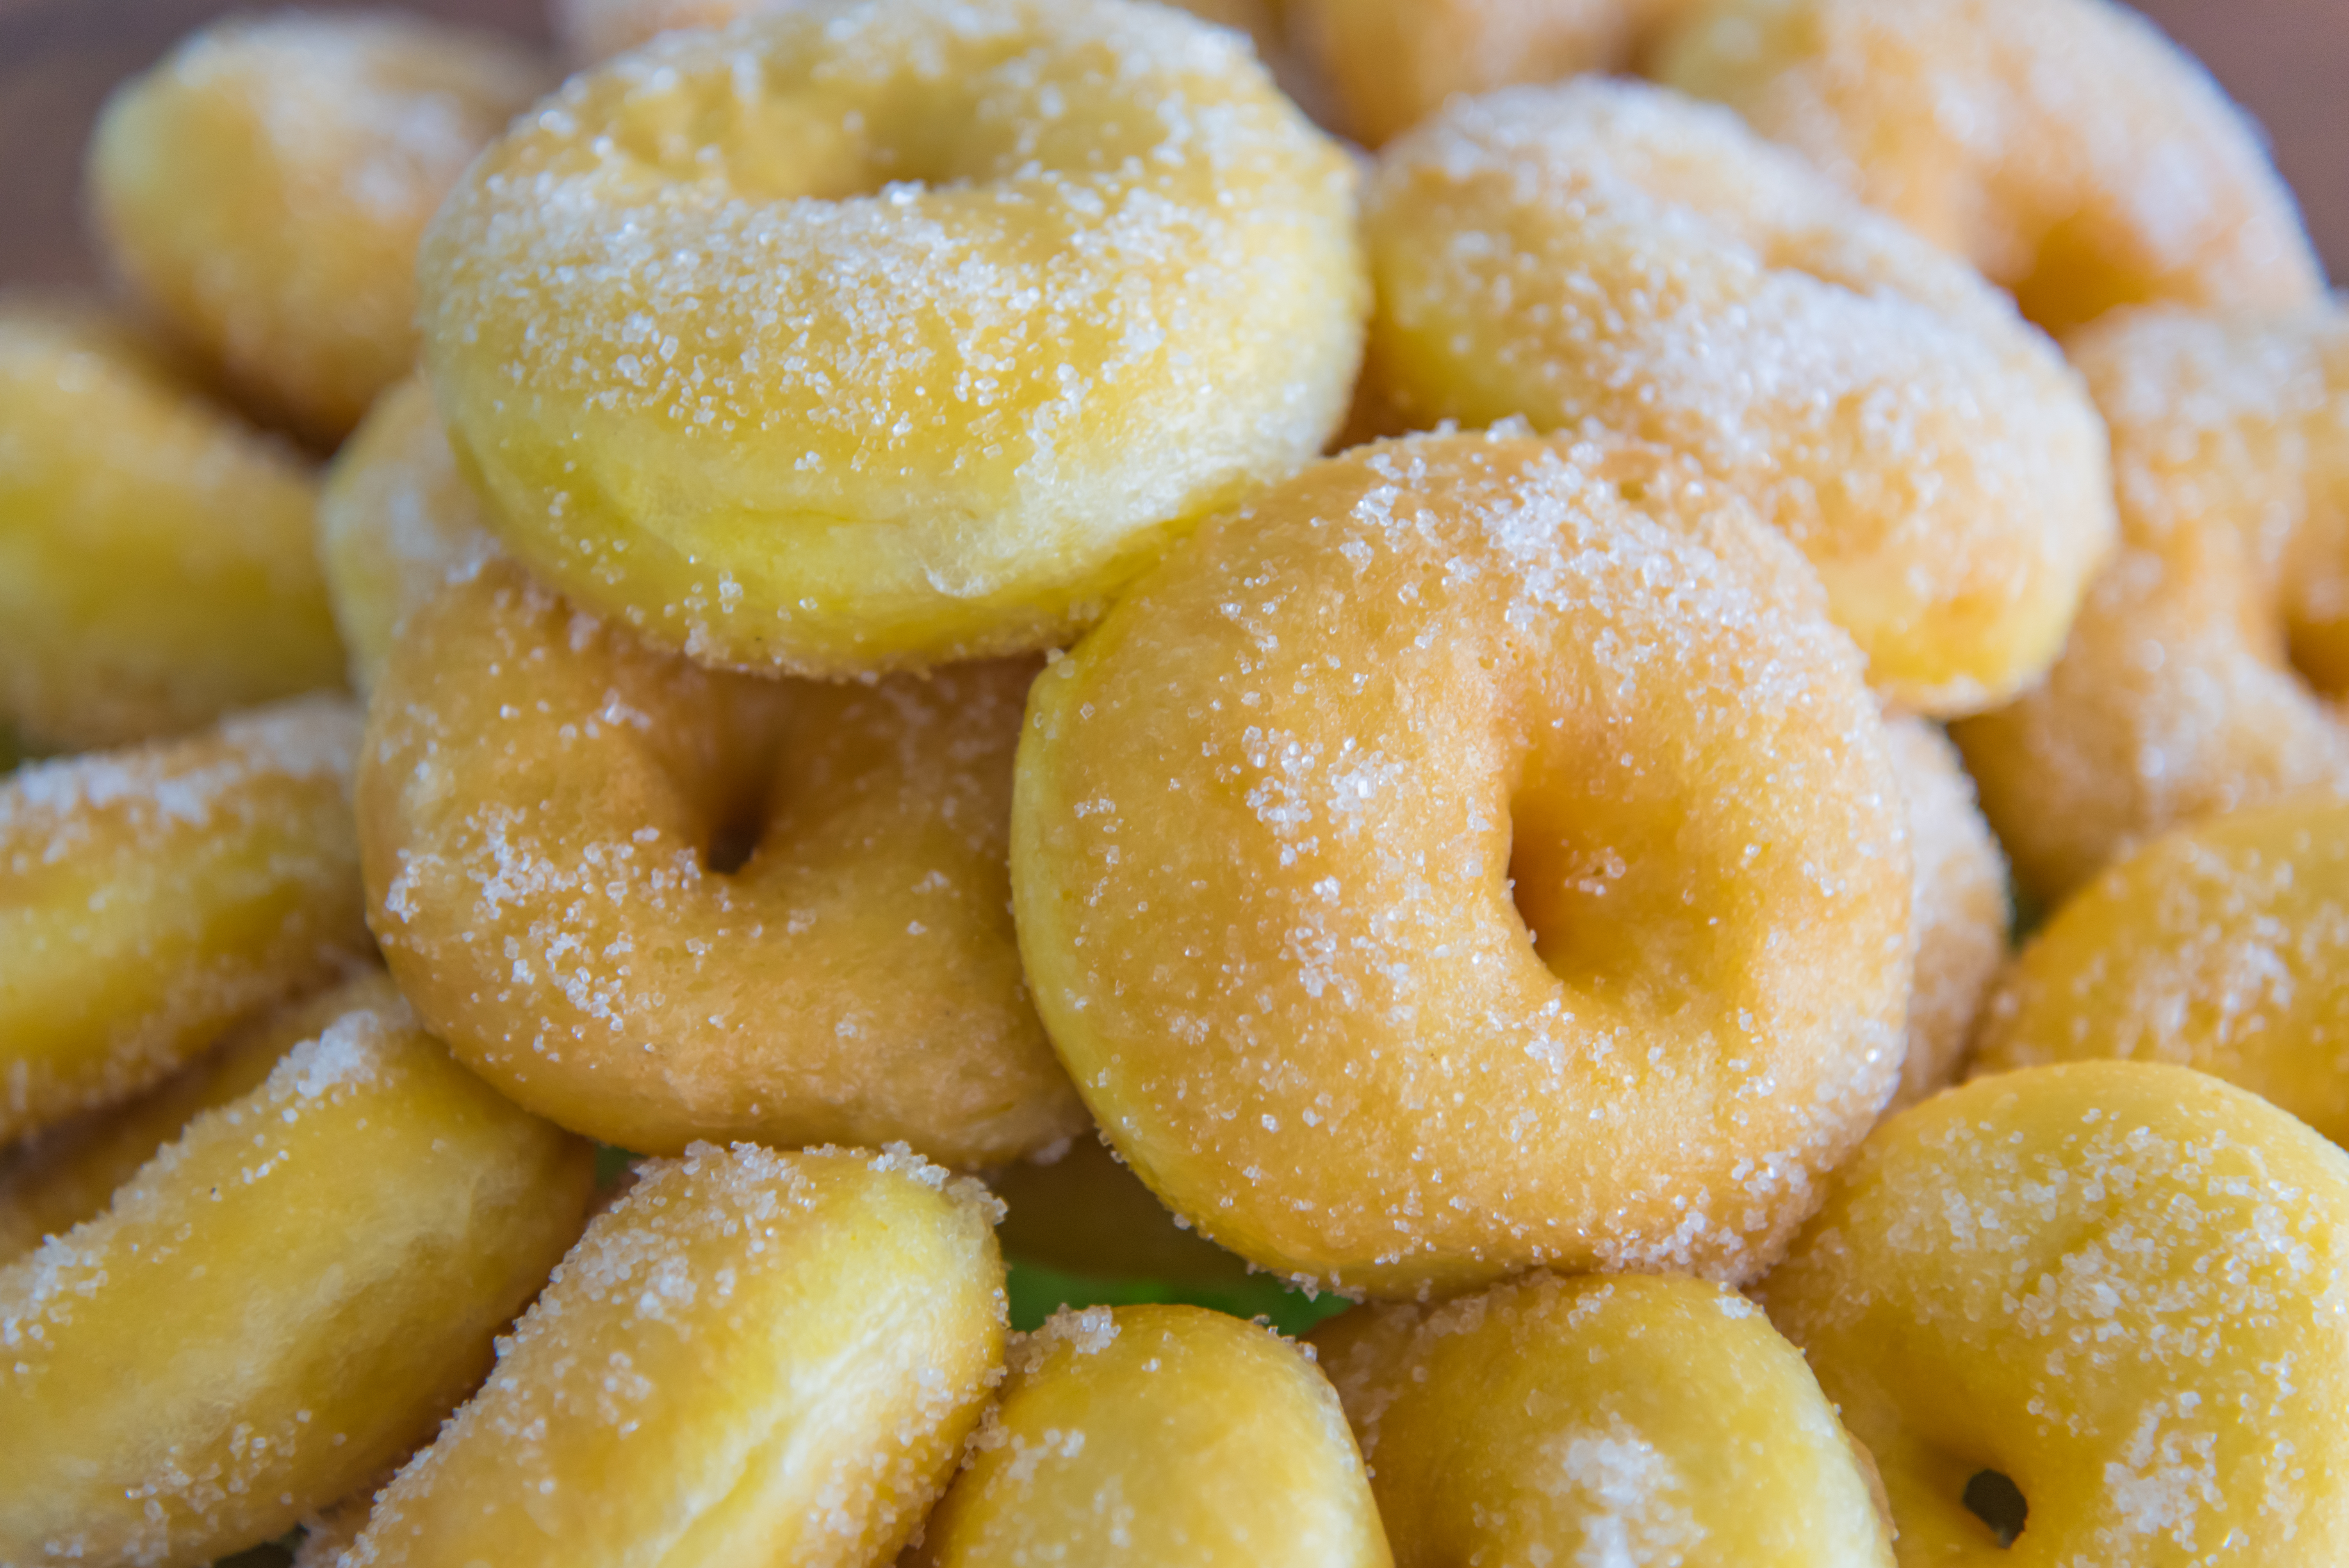 a pile of mini doughnuts tossed in sugar